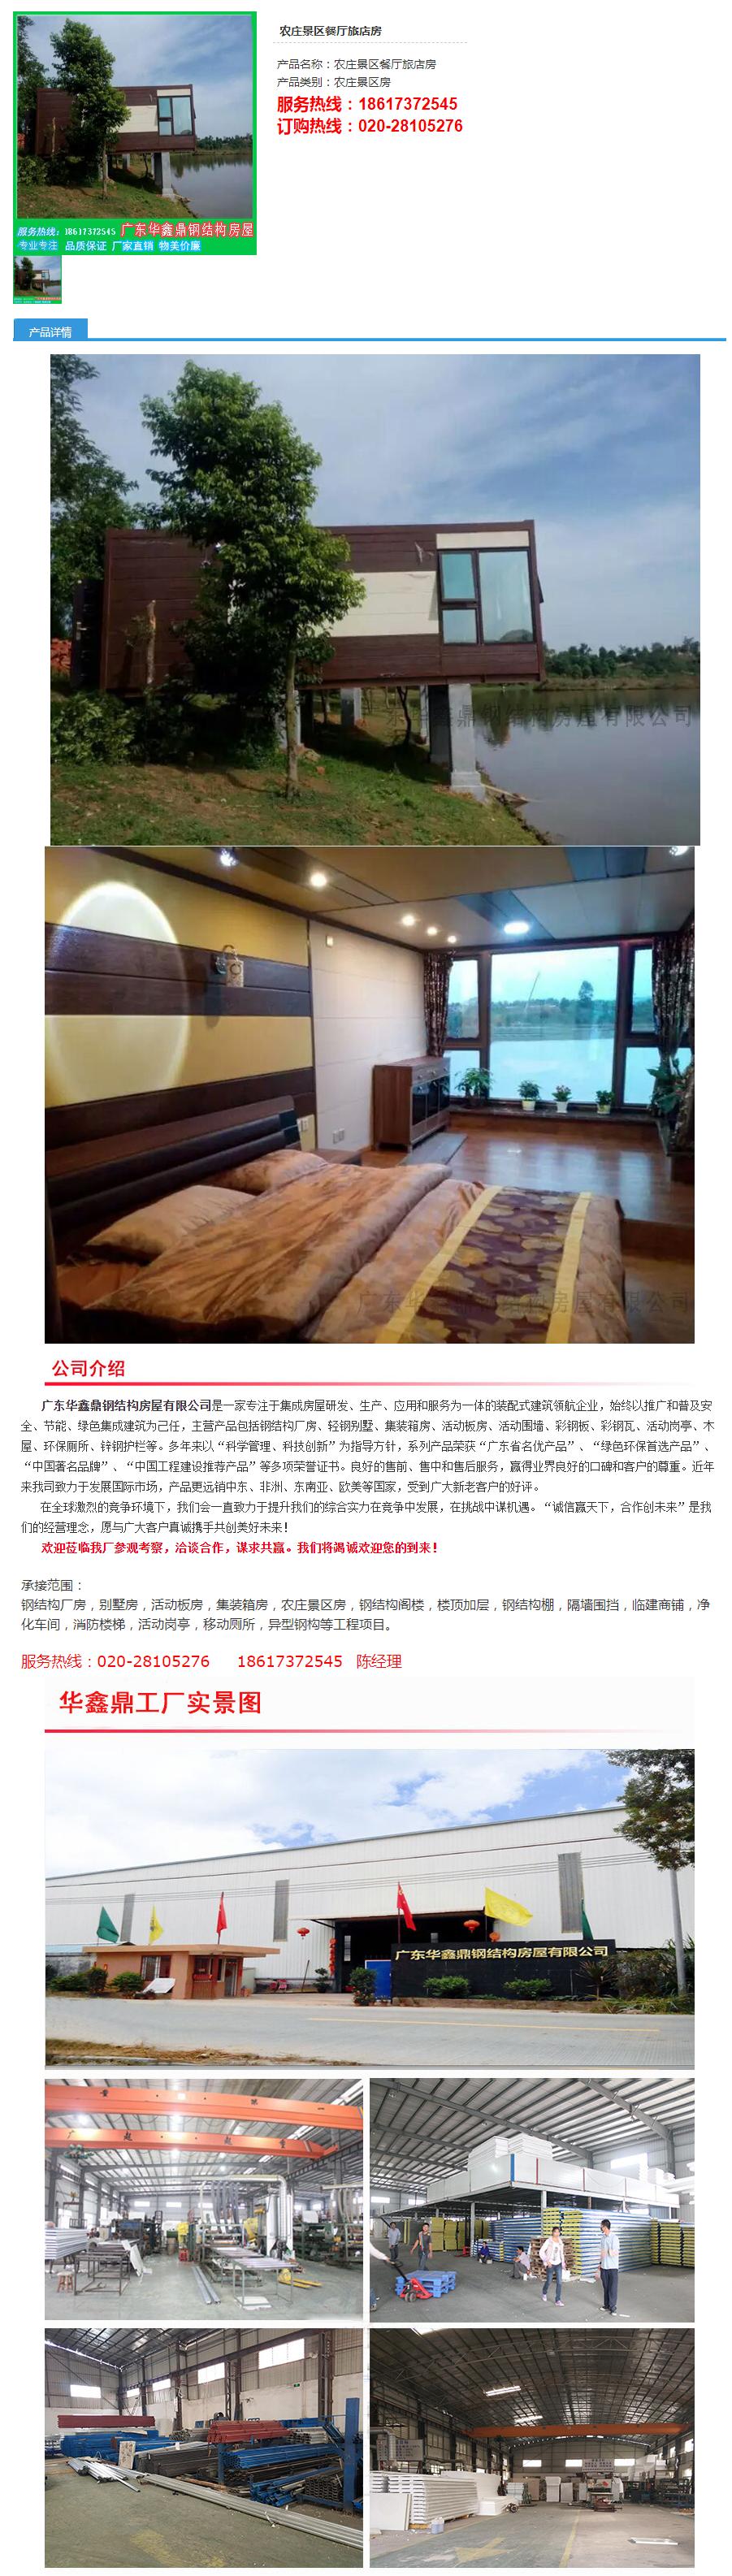 农庄景区餐厅旅店房01-.png